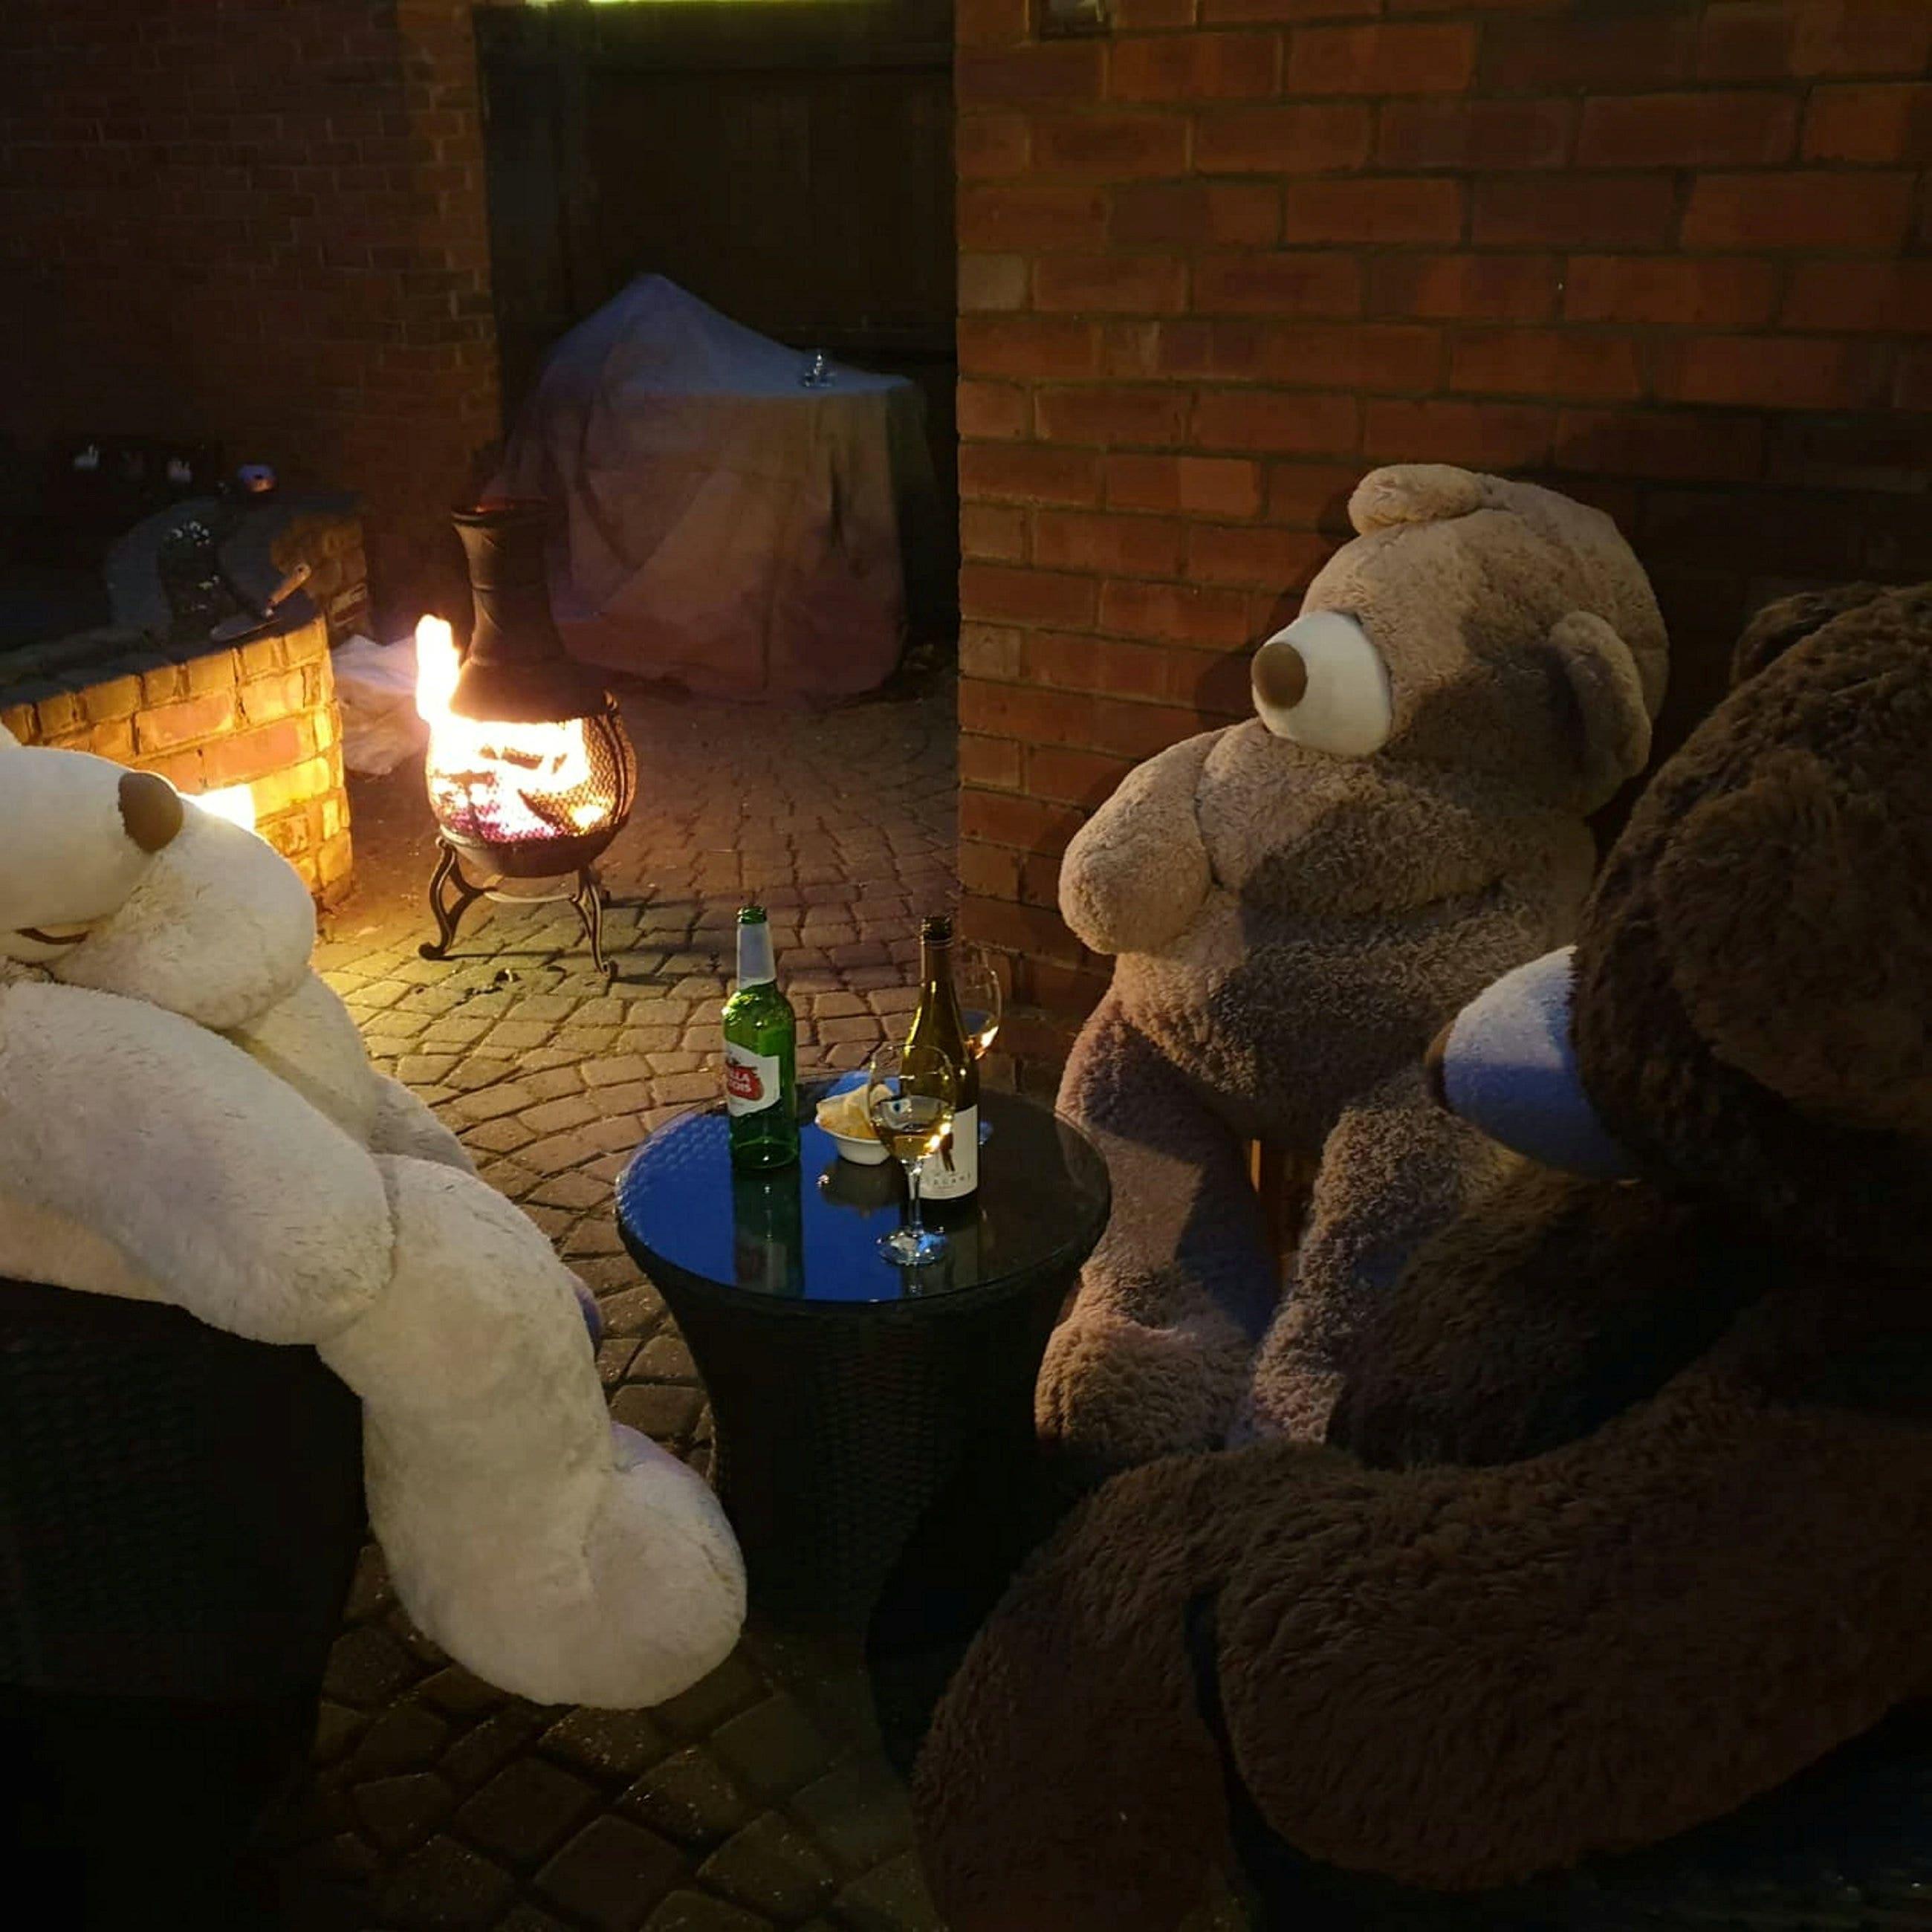 Coronavirus karantina: Ibu menghibur keluarga dengan menyamar raksasa boneka beruang di sekitar rumah